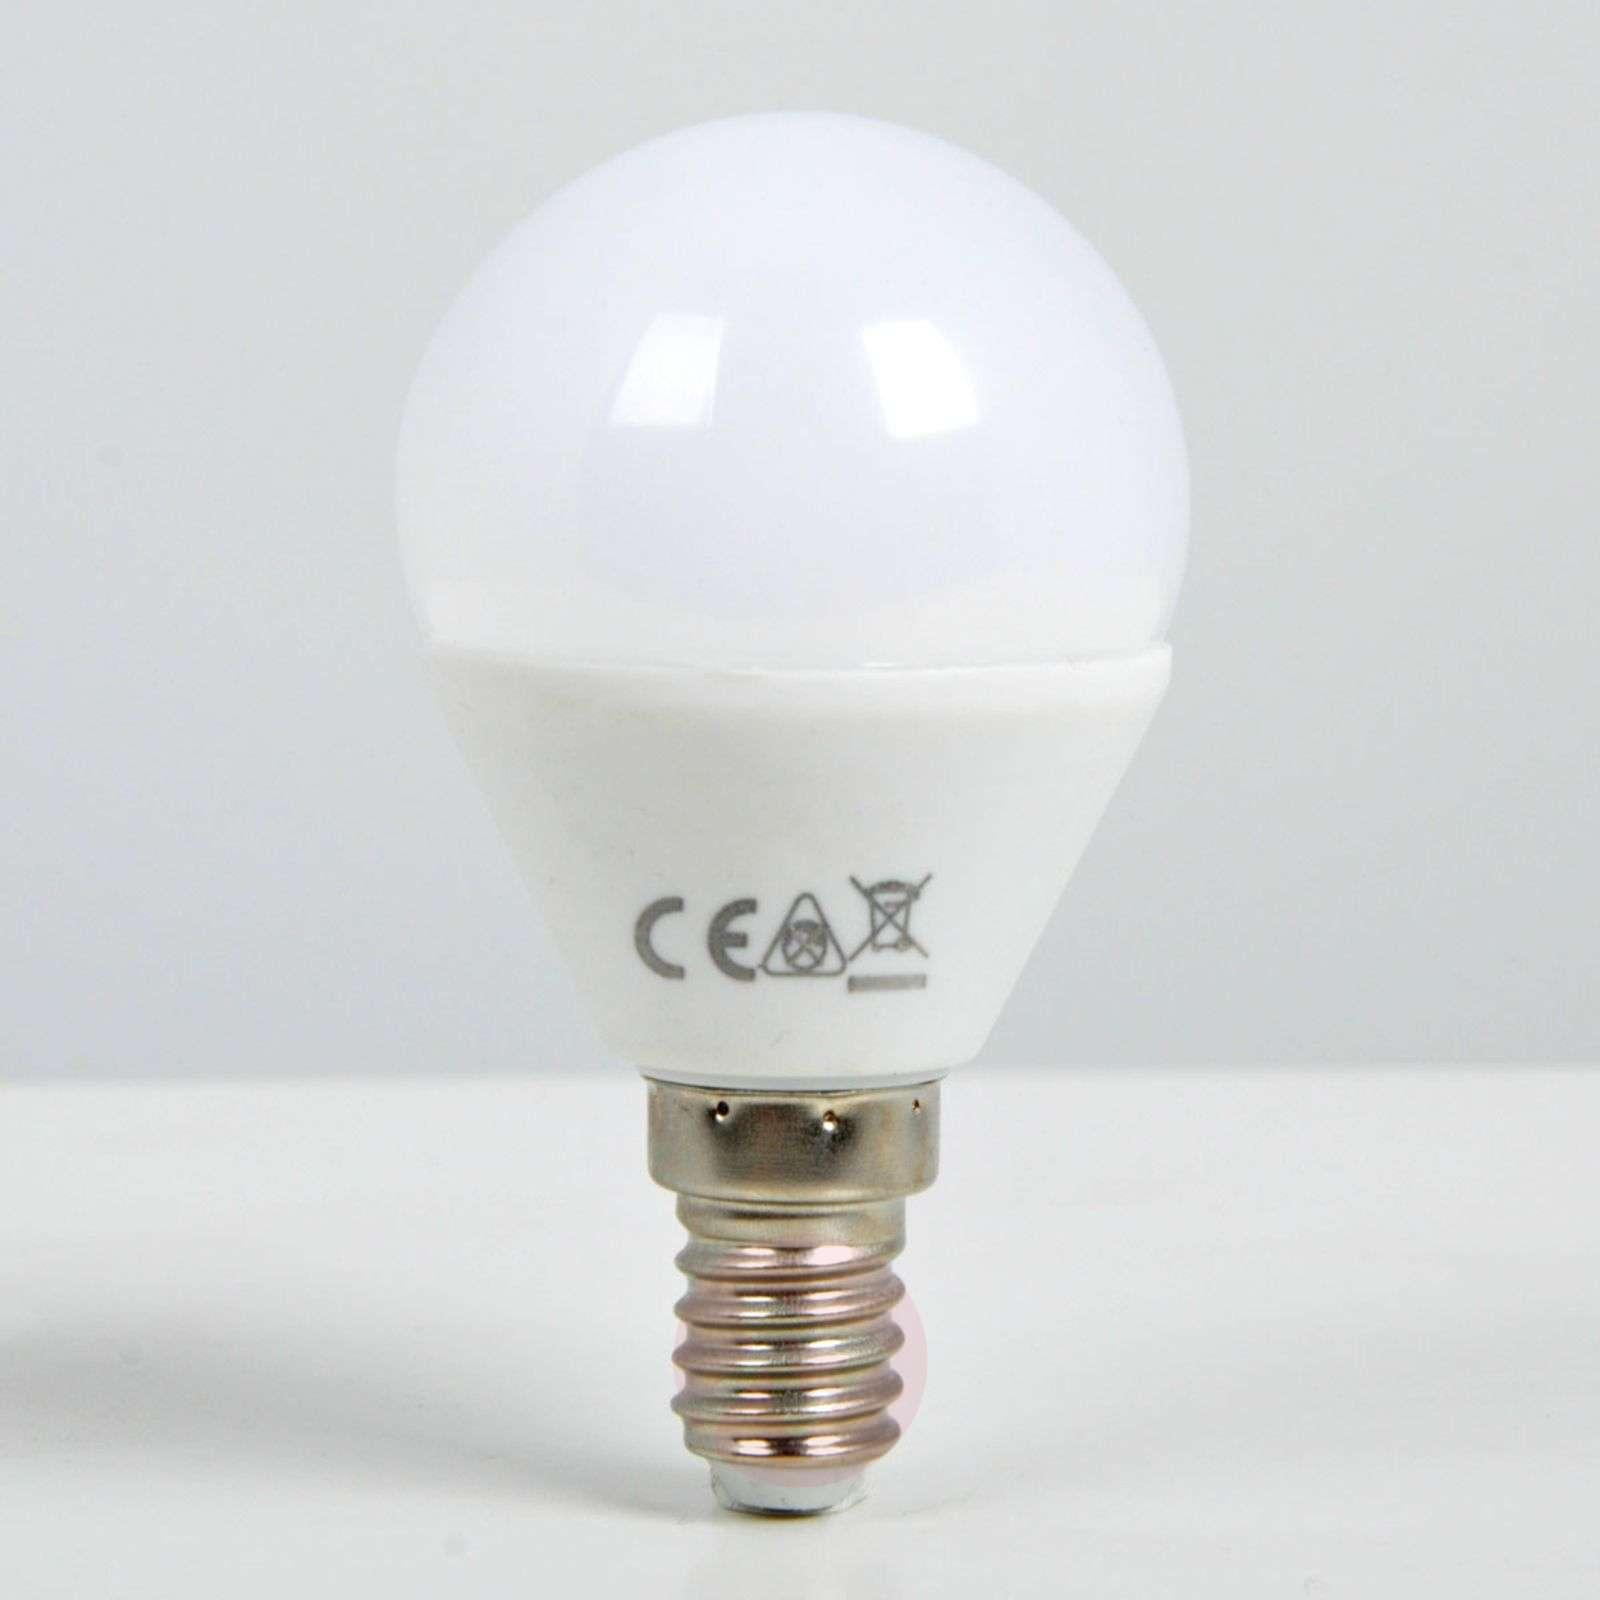 LED-pisaralamppu E14, 5W, Easydim-1558084-01